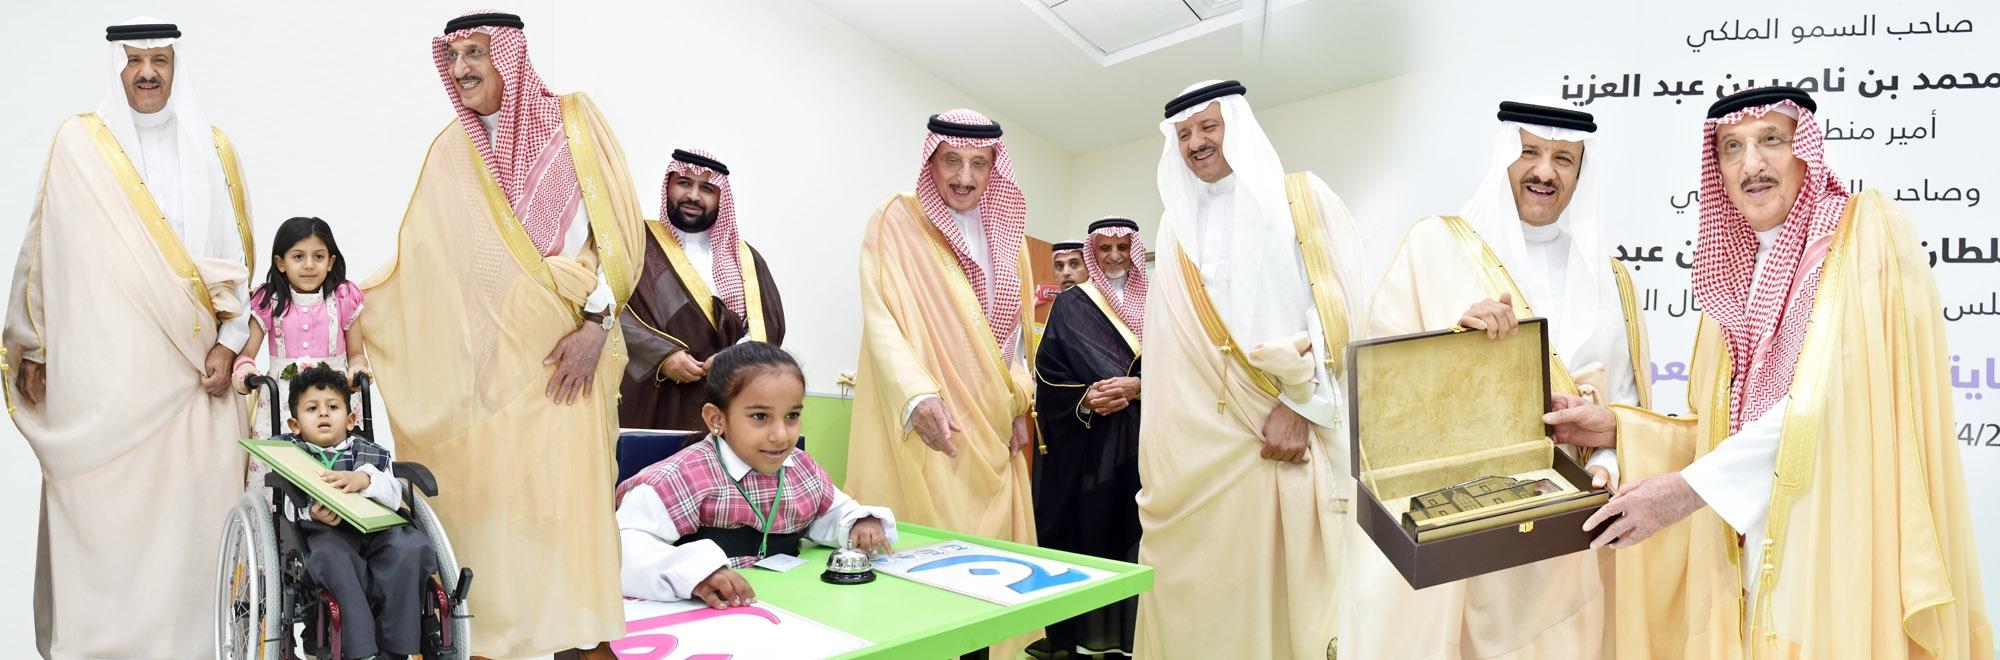 افتتاح مركز الجمعية الجديد بجازان